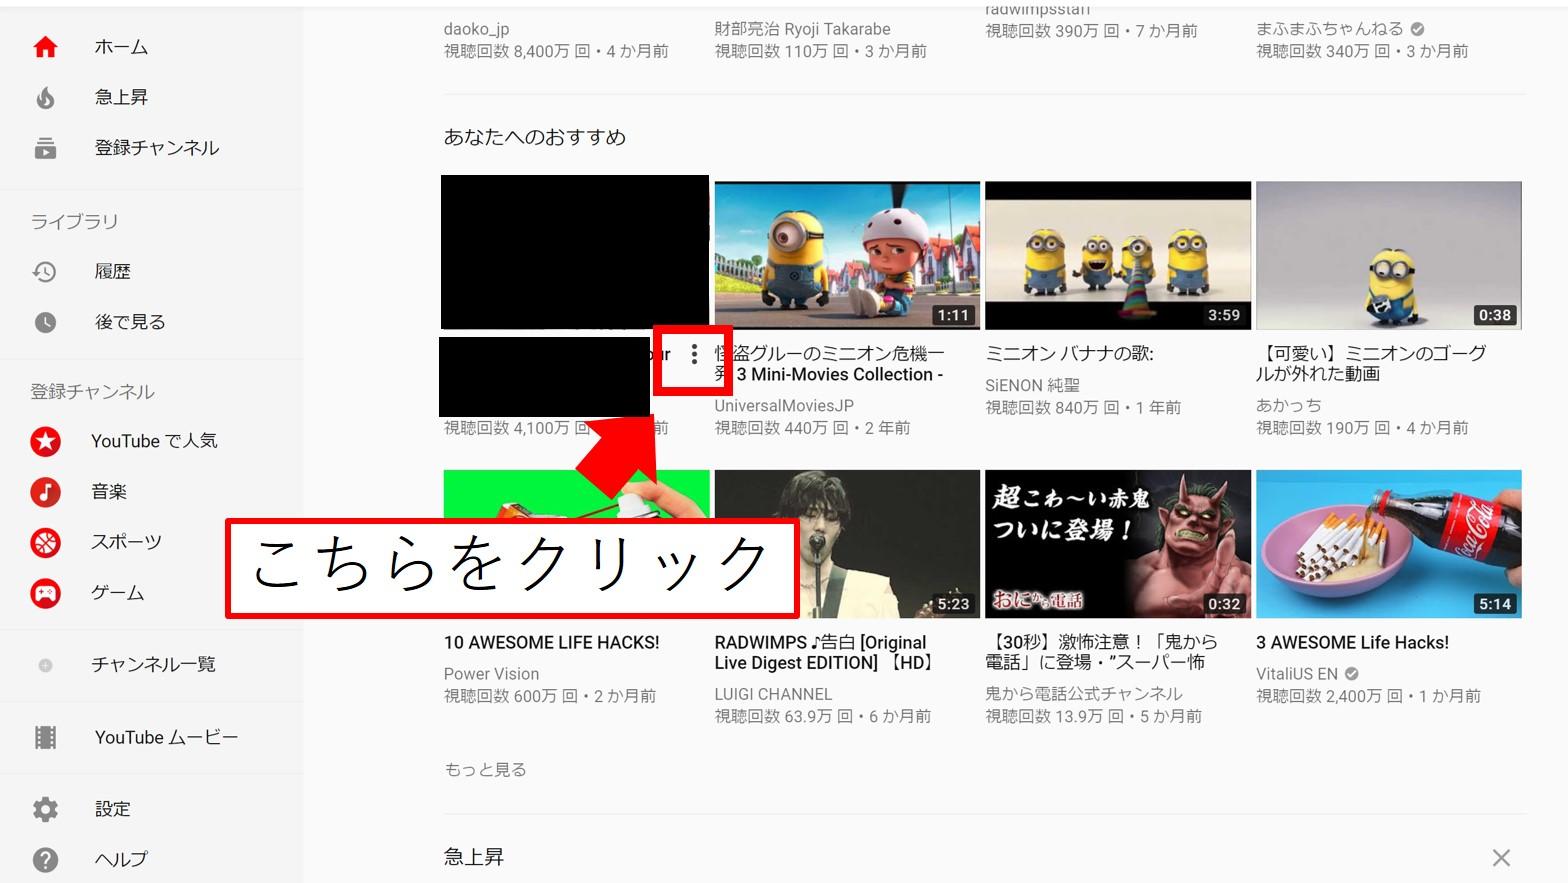 パソコンでYouTubeのおすすめリスト動画を制限